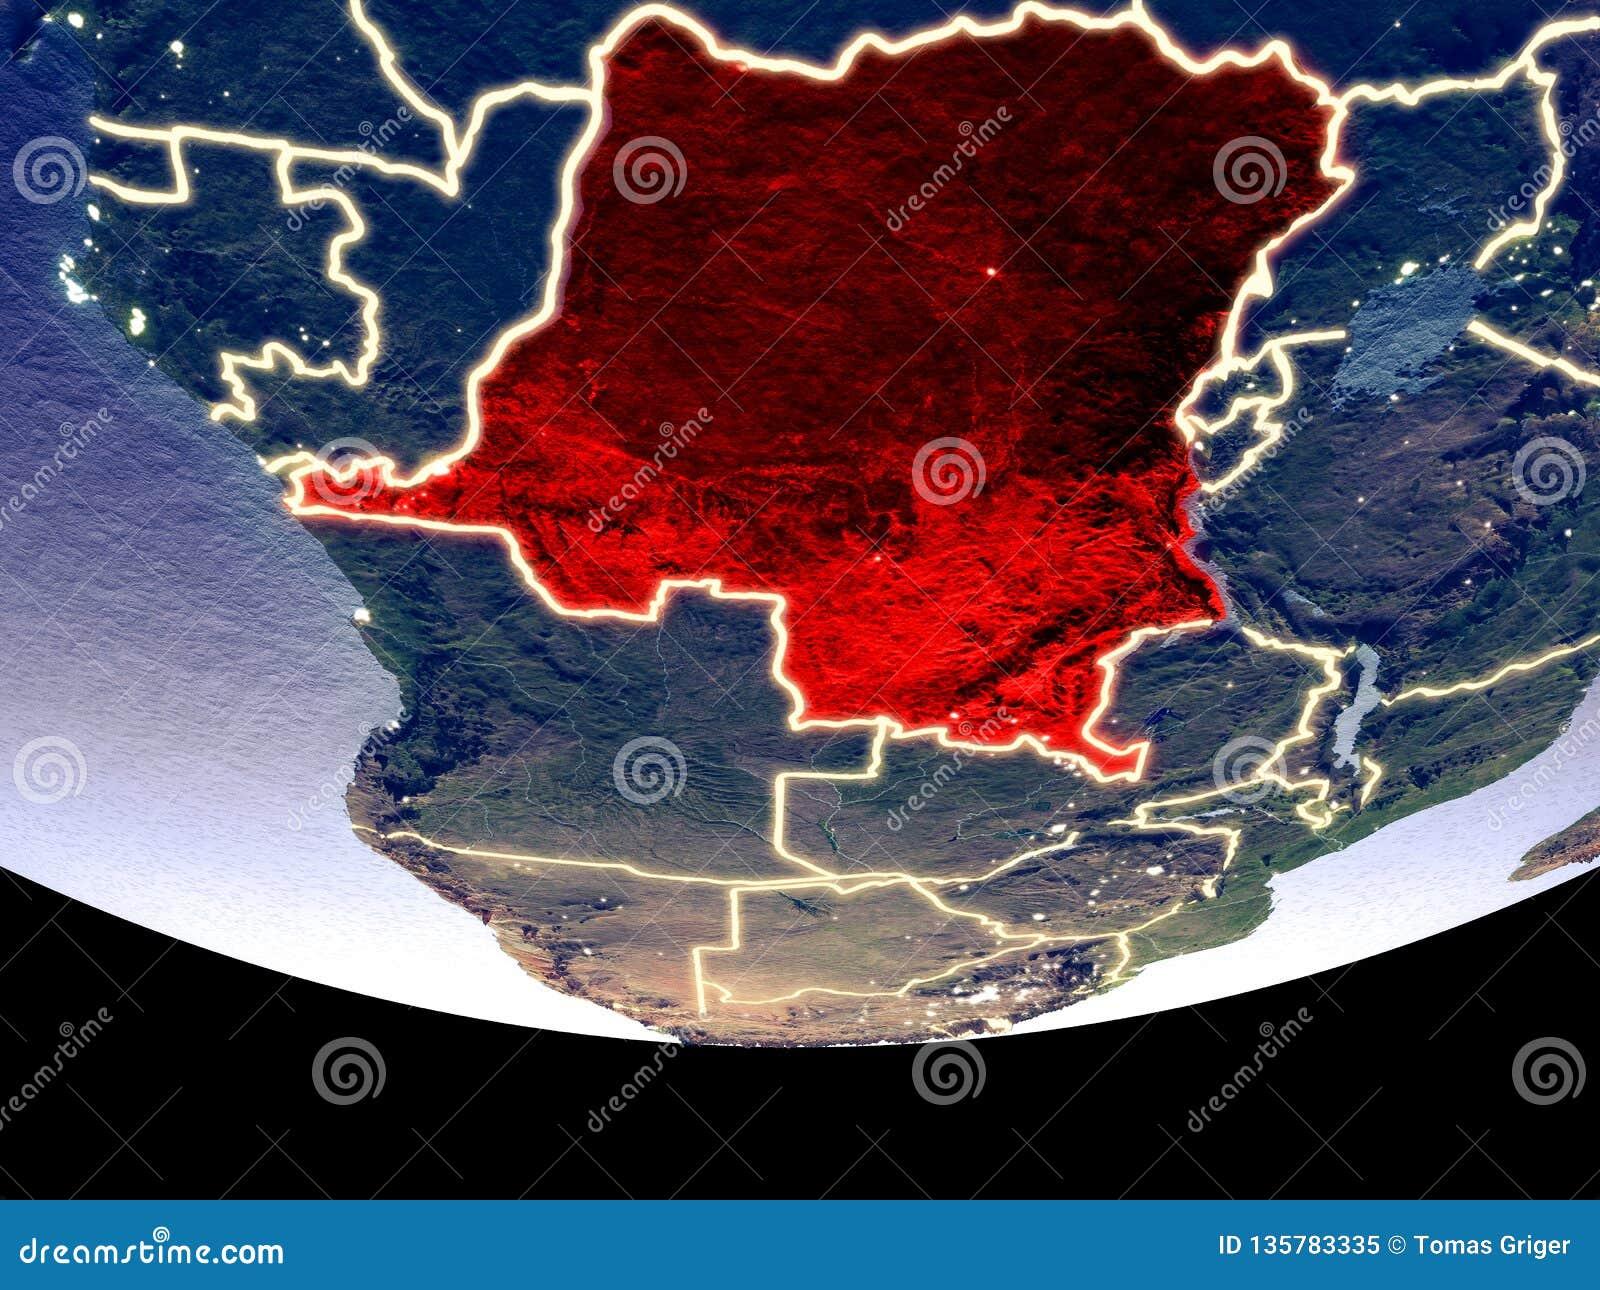 Representante del Dem de Congo en la noche del espacio